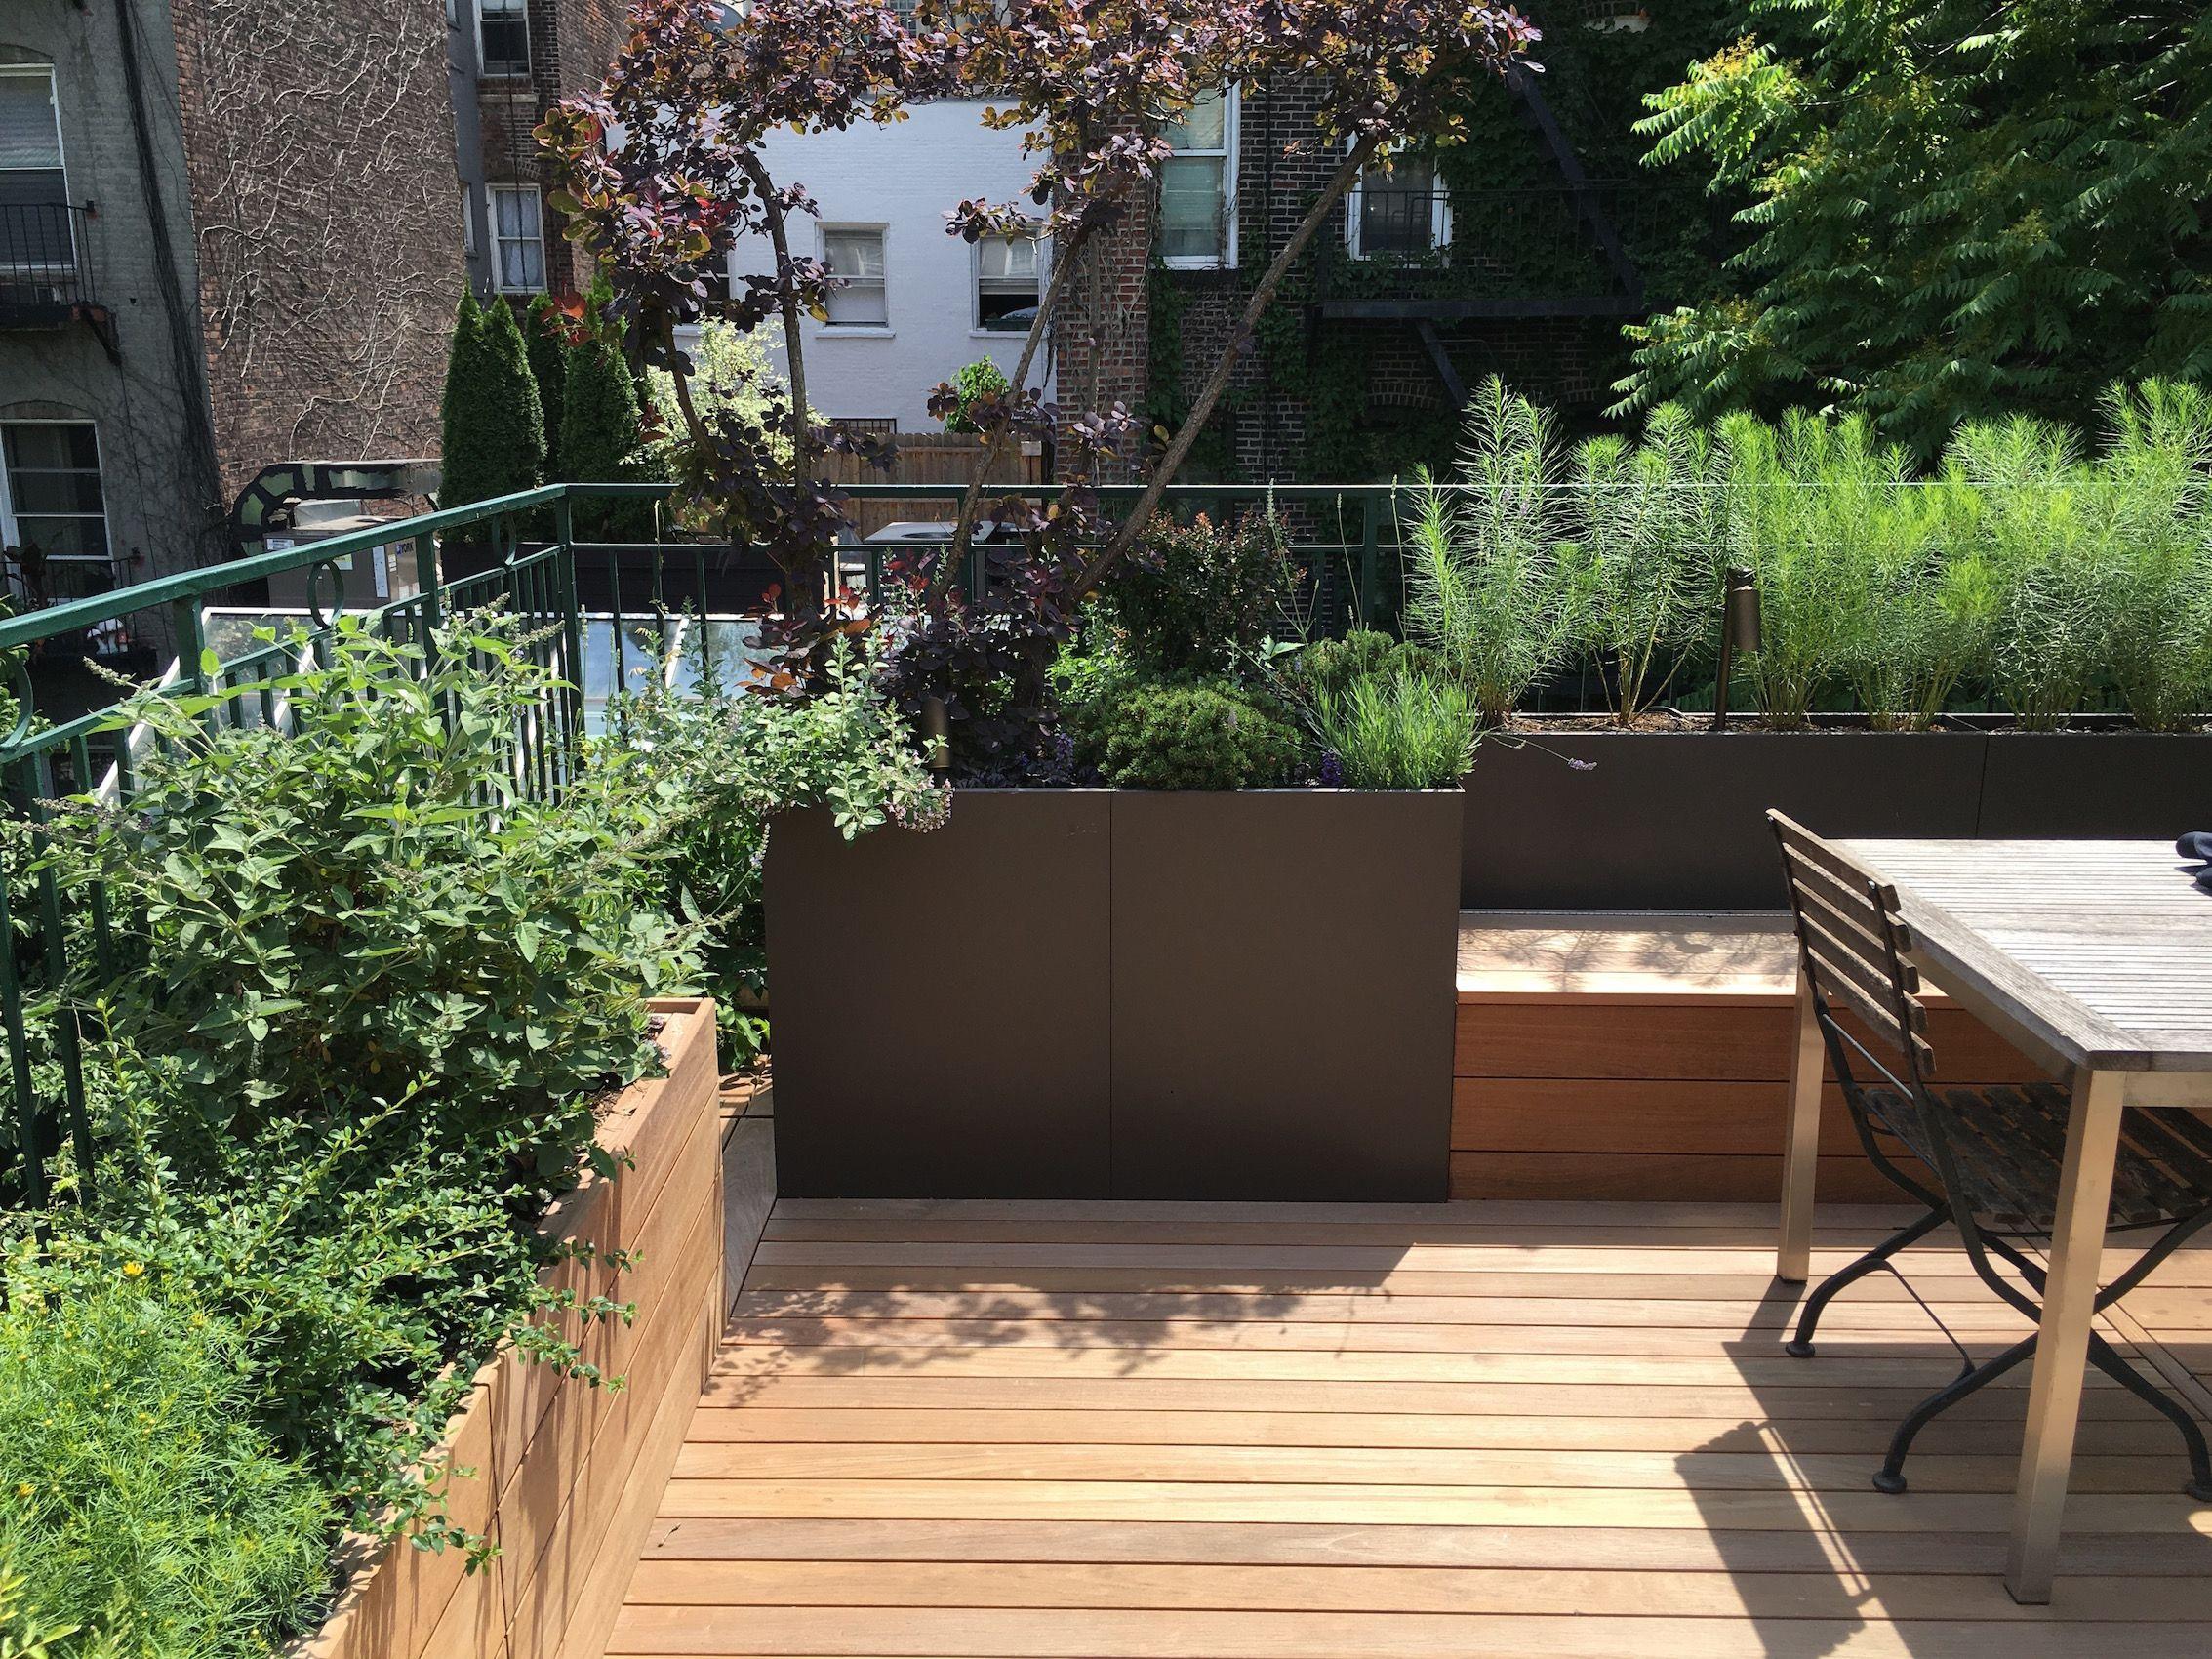 Chelsea Roofgarden